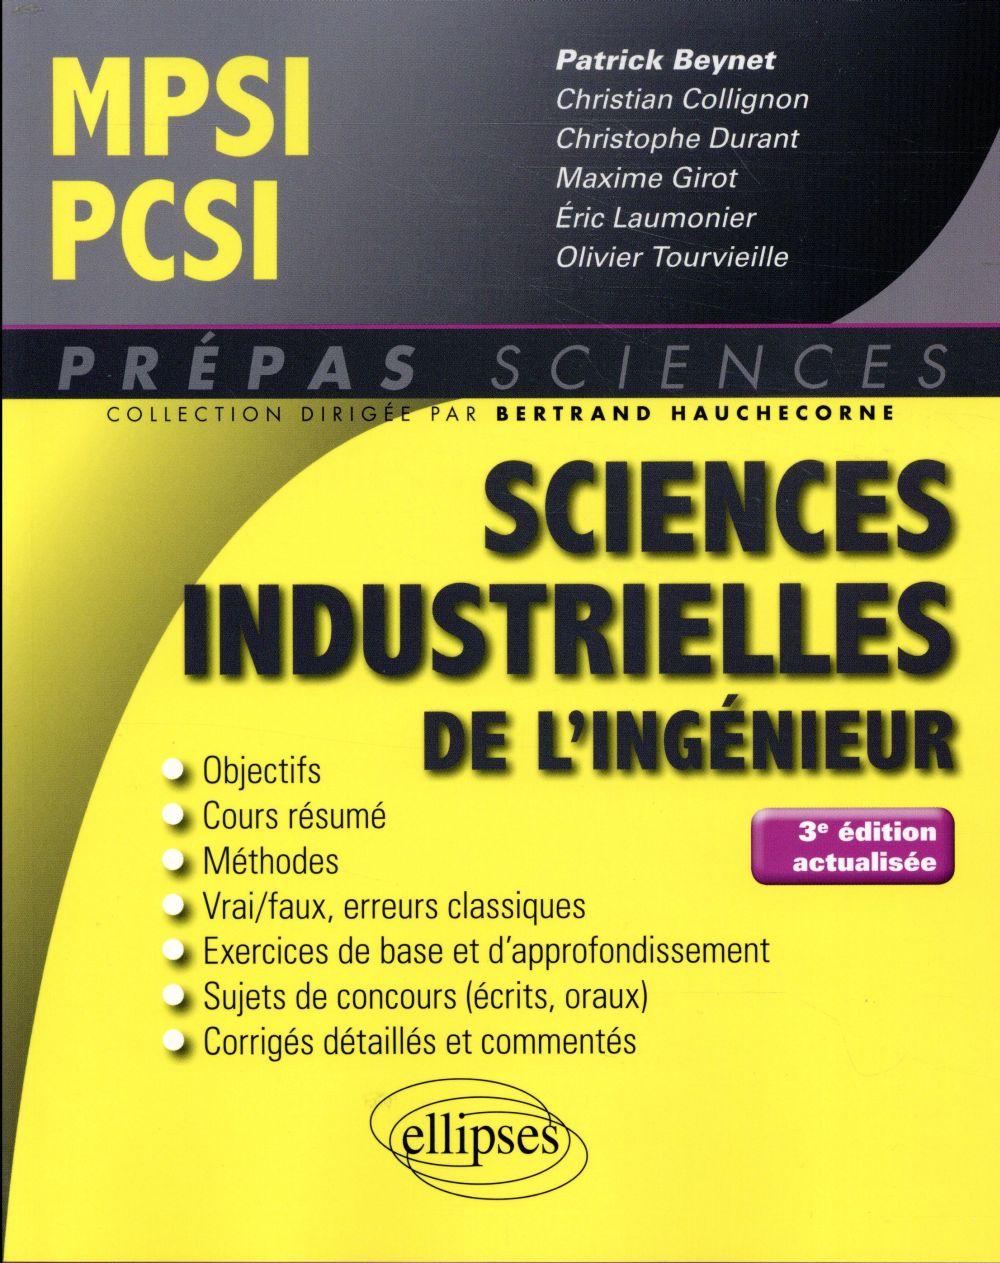 SCIENCES INDISTRUELLES DE L'INGEGNIEUR MPSI PCSI 3EME EDITION ACTUALISEE